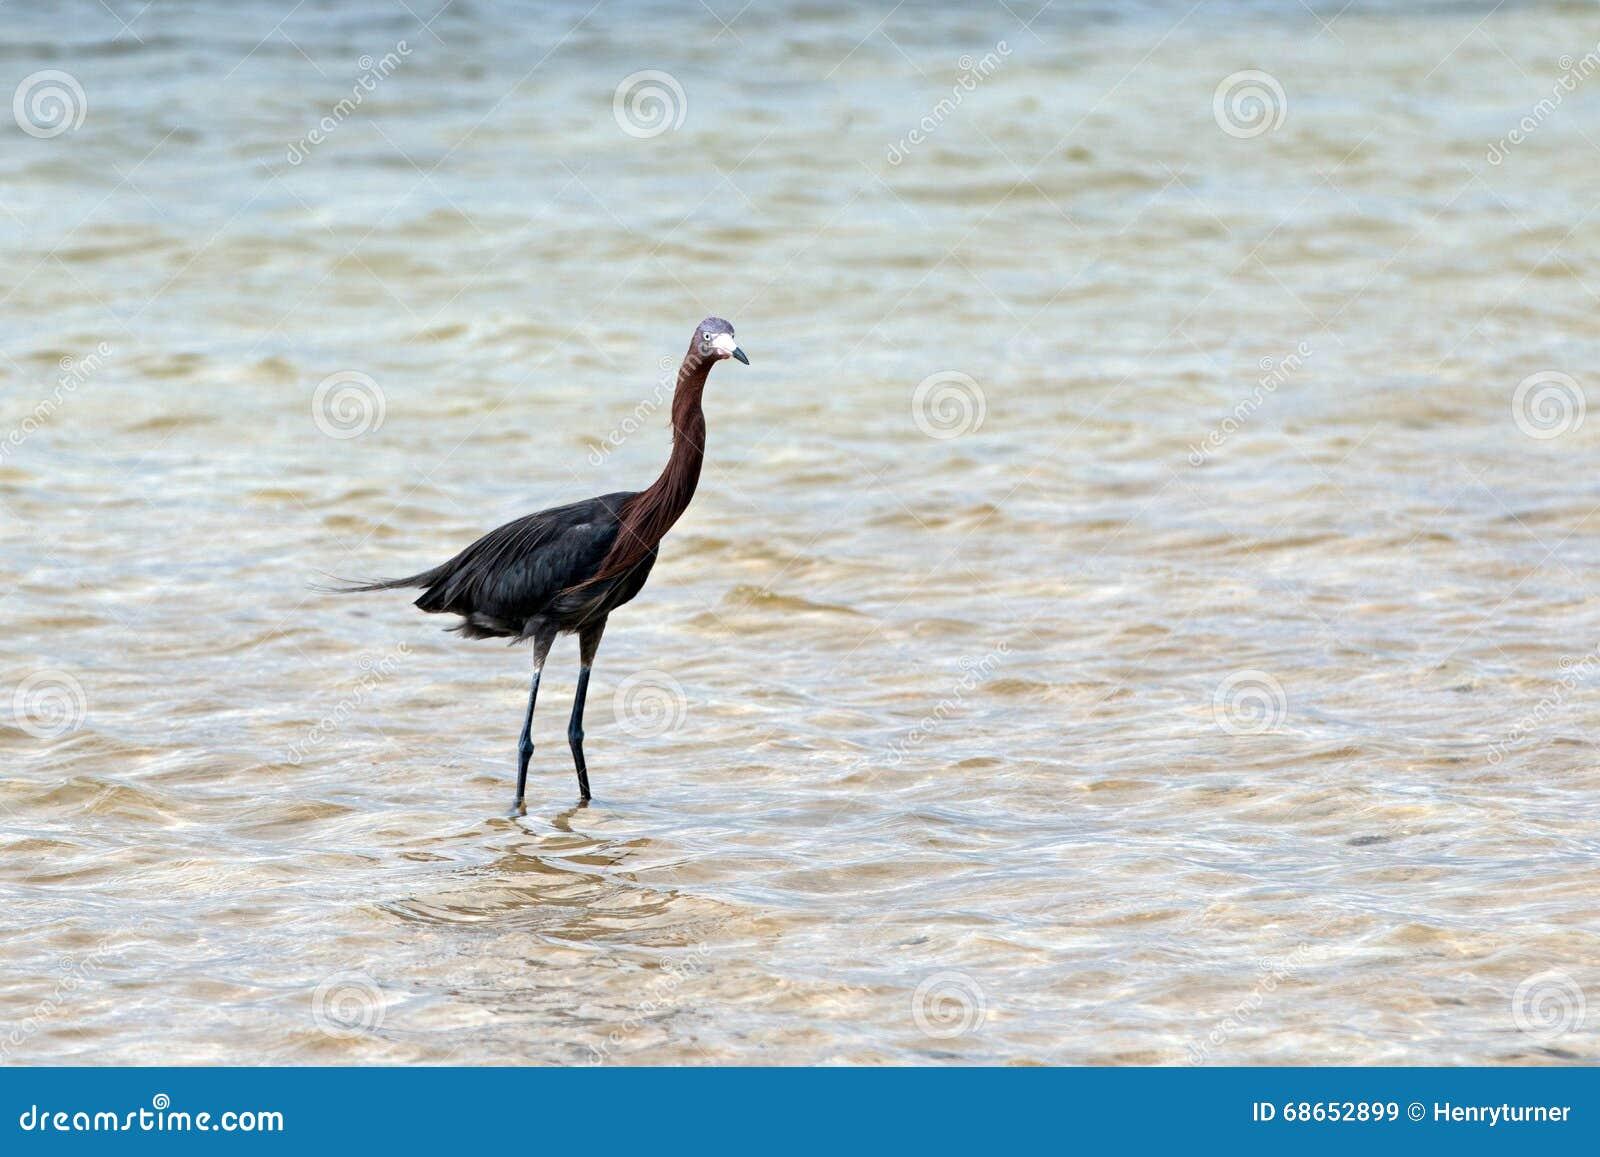 Héron rougeâtre ébouriffé par le vent en Isla Blanca Cancun Mexico